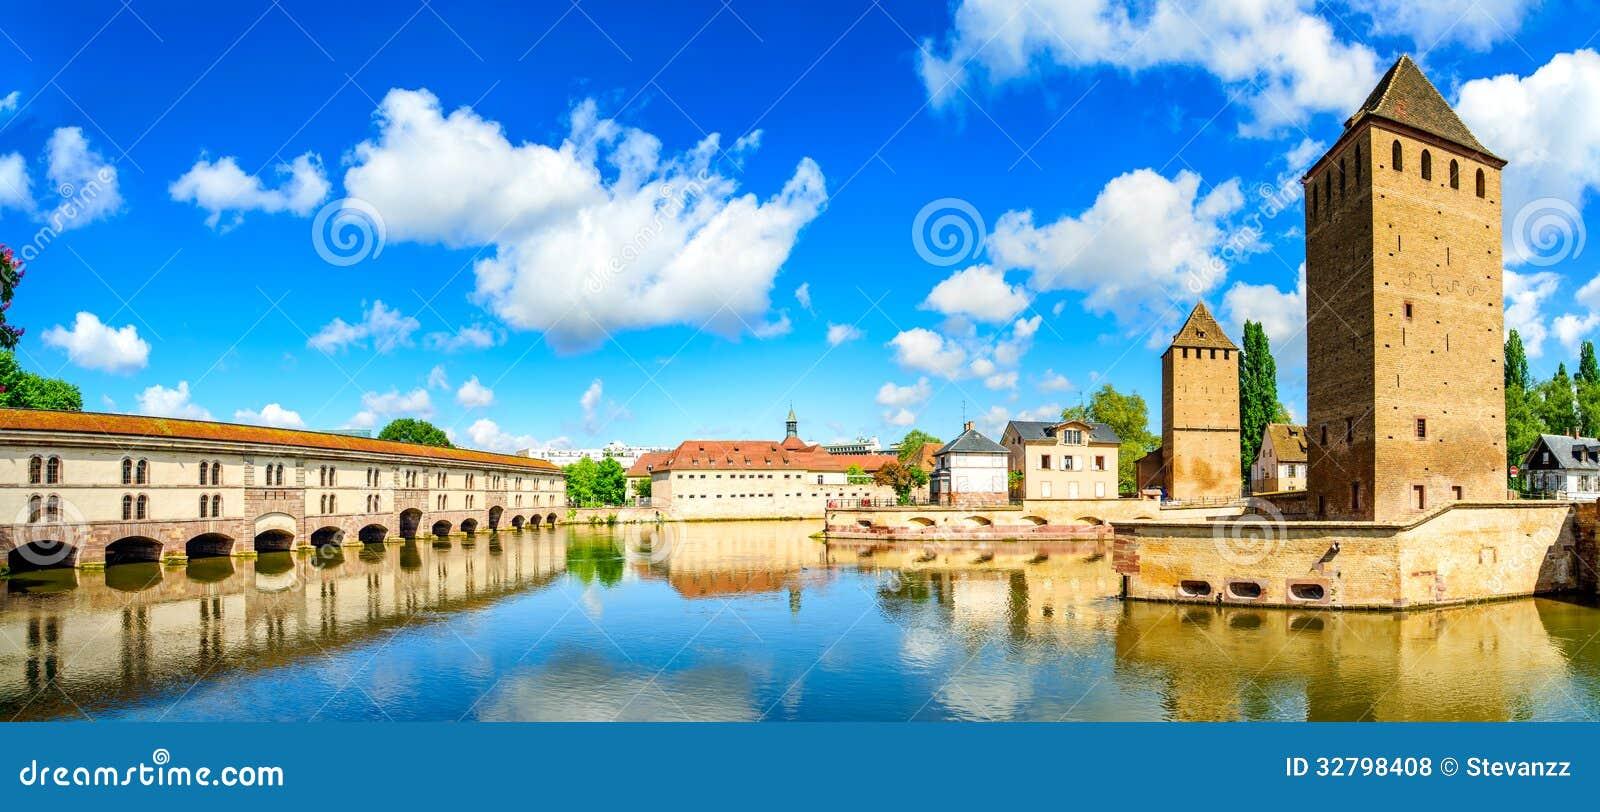 Straßburg, Türme der mittelalterlichen Brücke Ponts Couverts. Elsass, Frankreich.